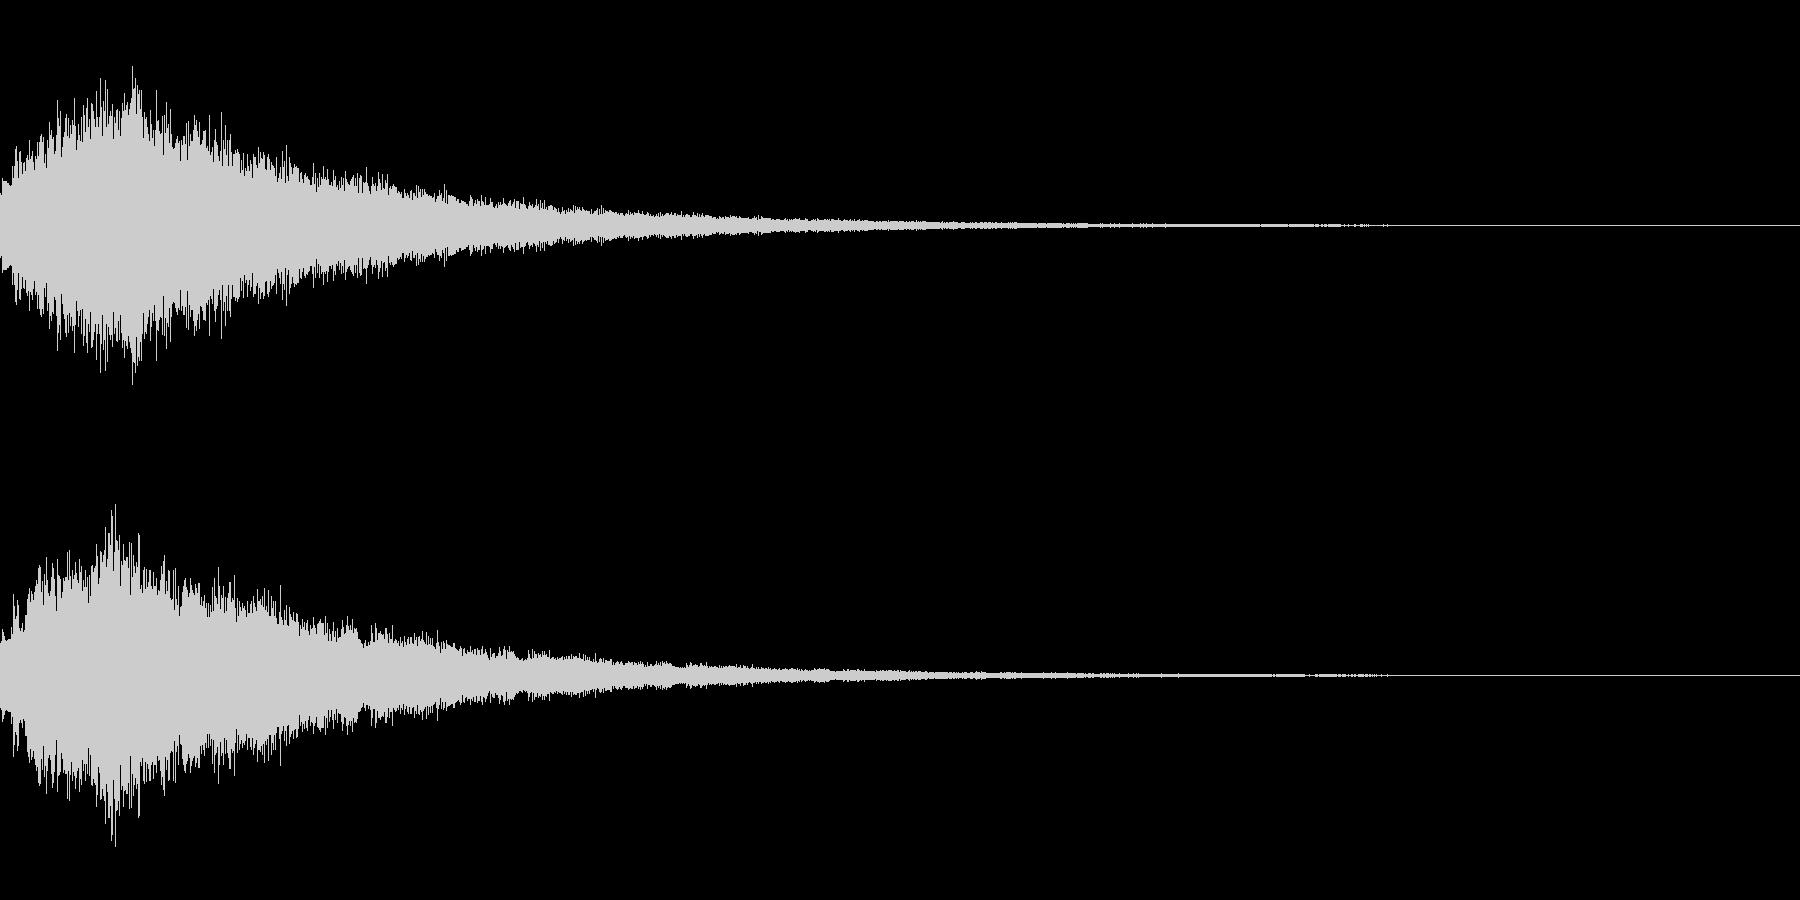 キラキラ シャララーン アイキャッチ03の未再生の波形